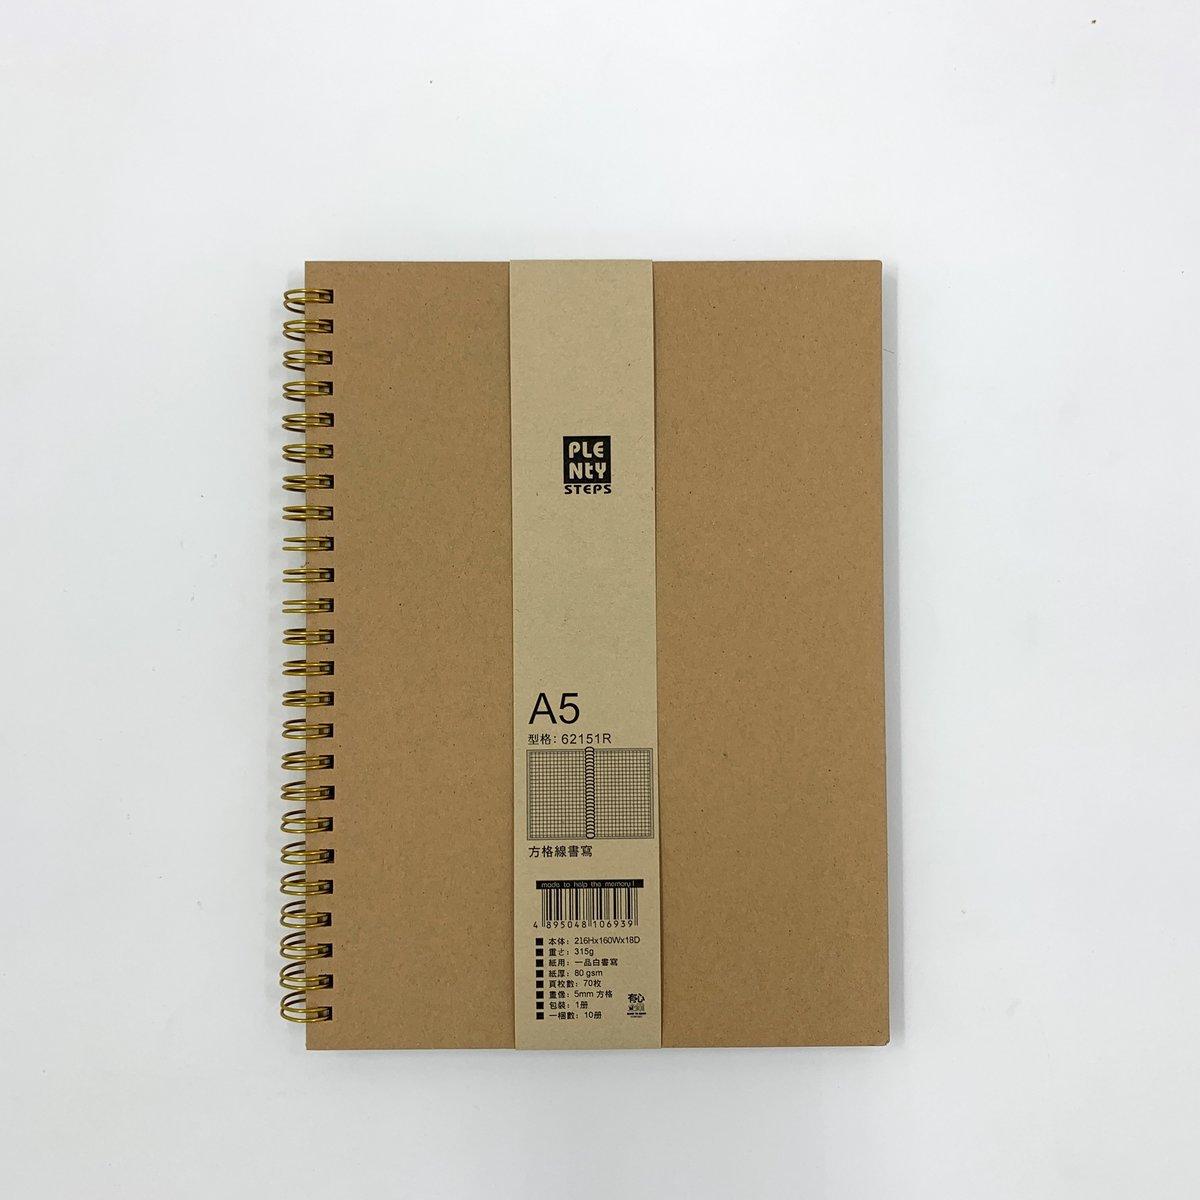 #62151R A5 特厚面 雙圈格線筆記簿